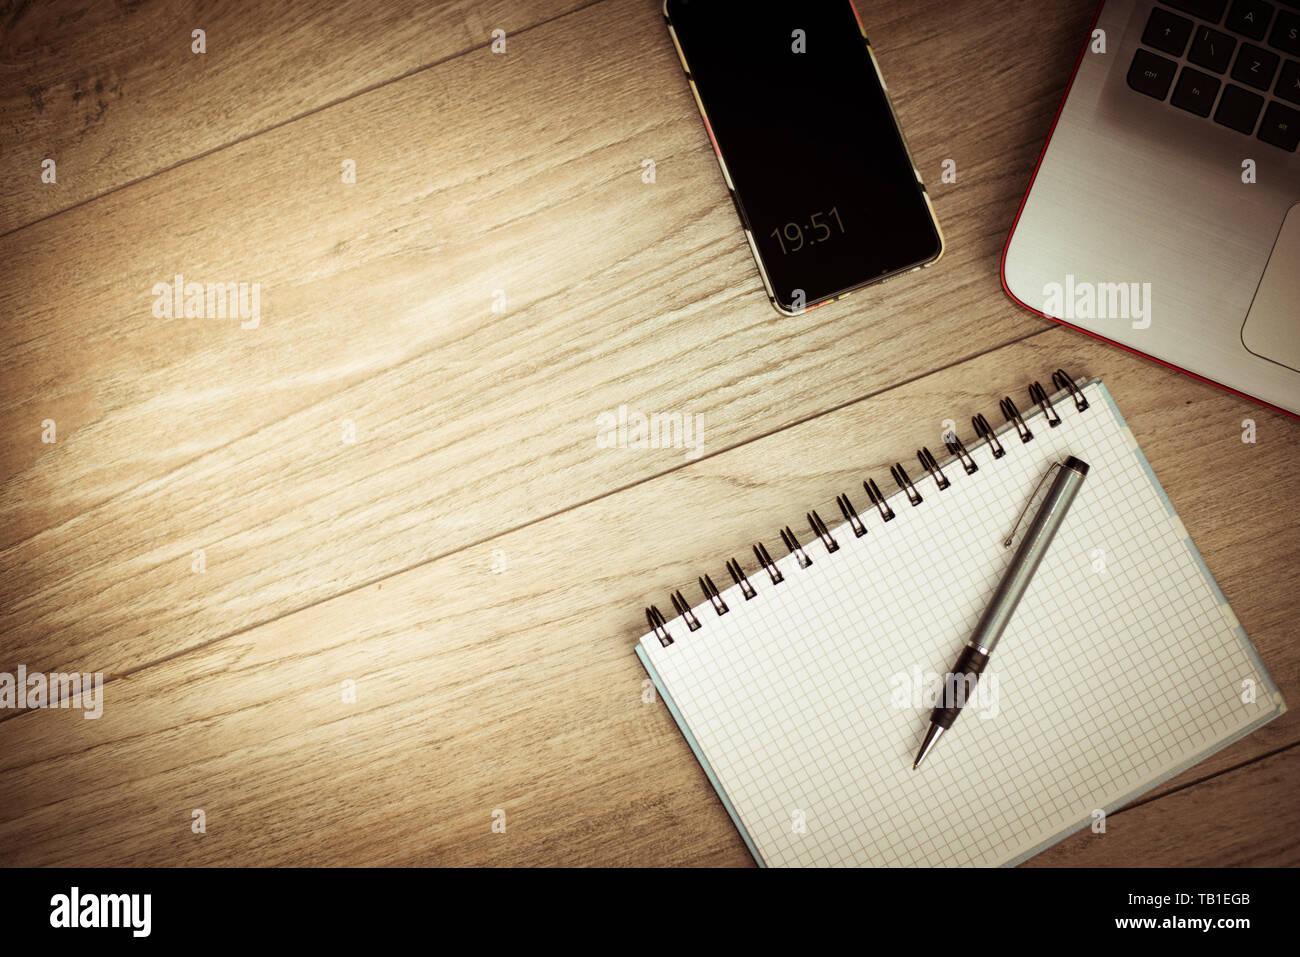 Buro Schreibtisch Hintergrund Konzept Business Computer Leeren Buro Tisch Mit Desktop Laptop Handy Und Pad Stockfotografie Alamy